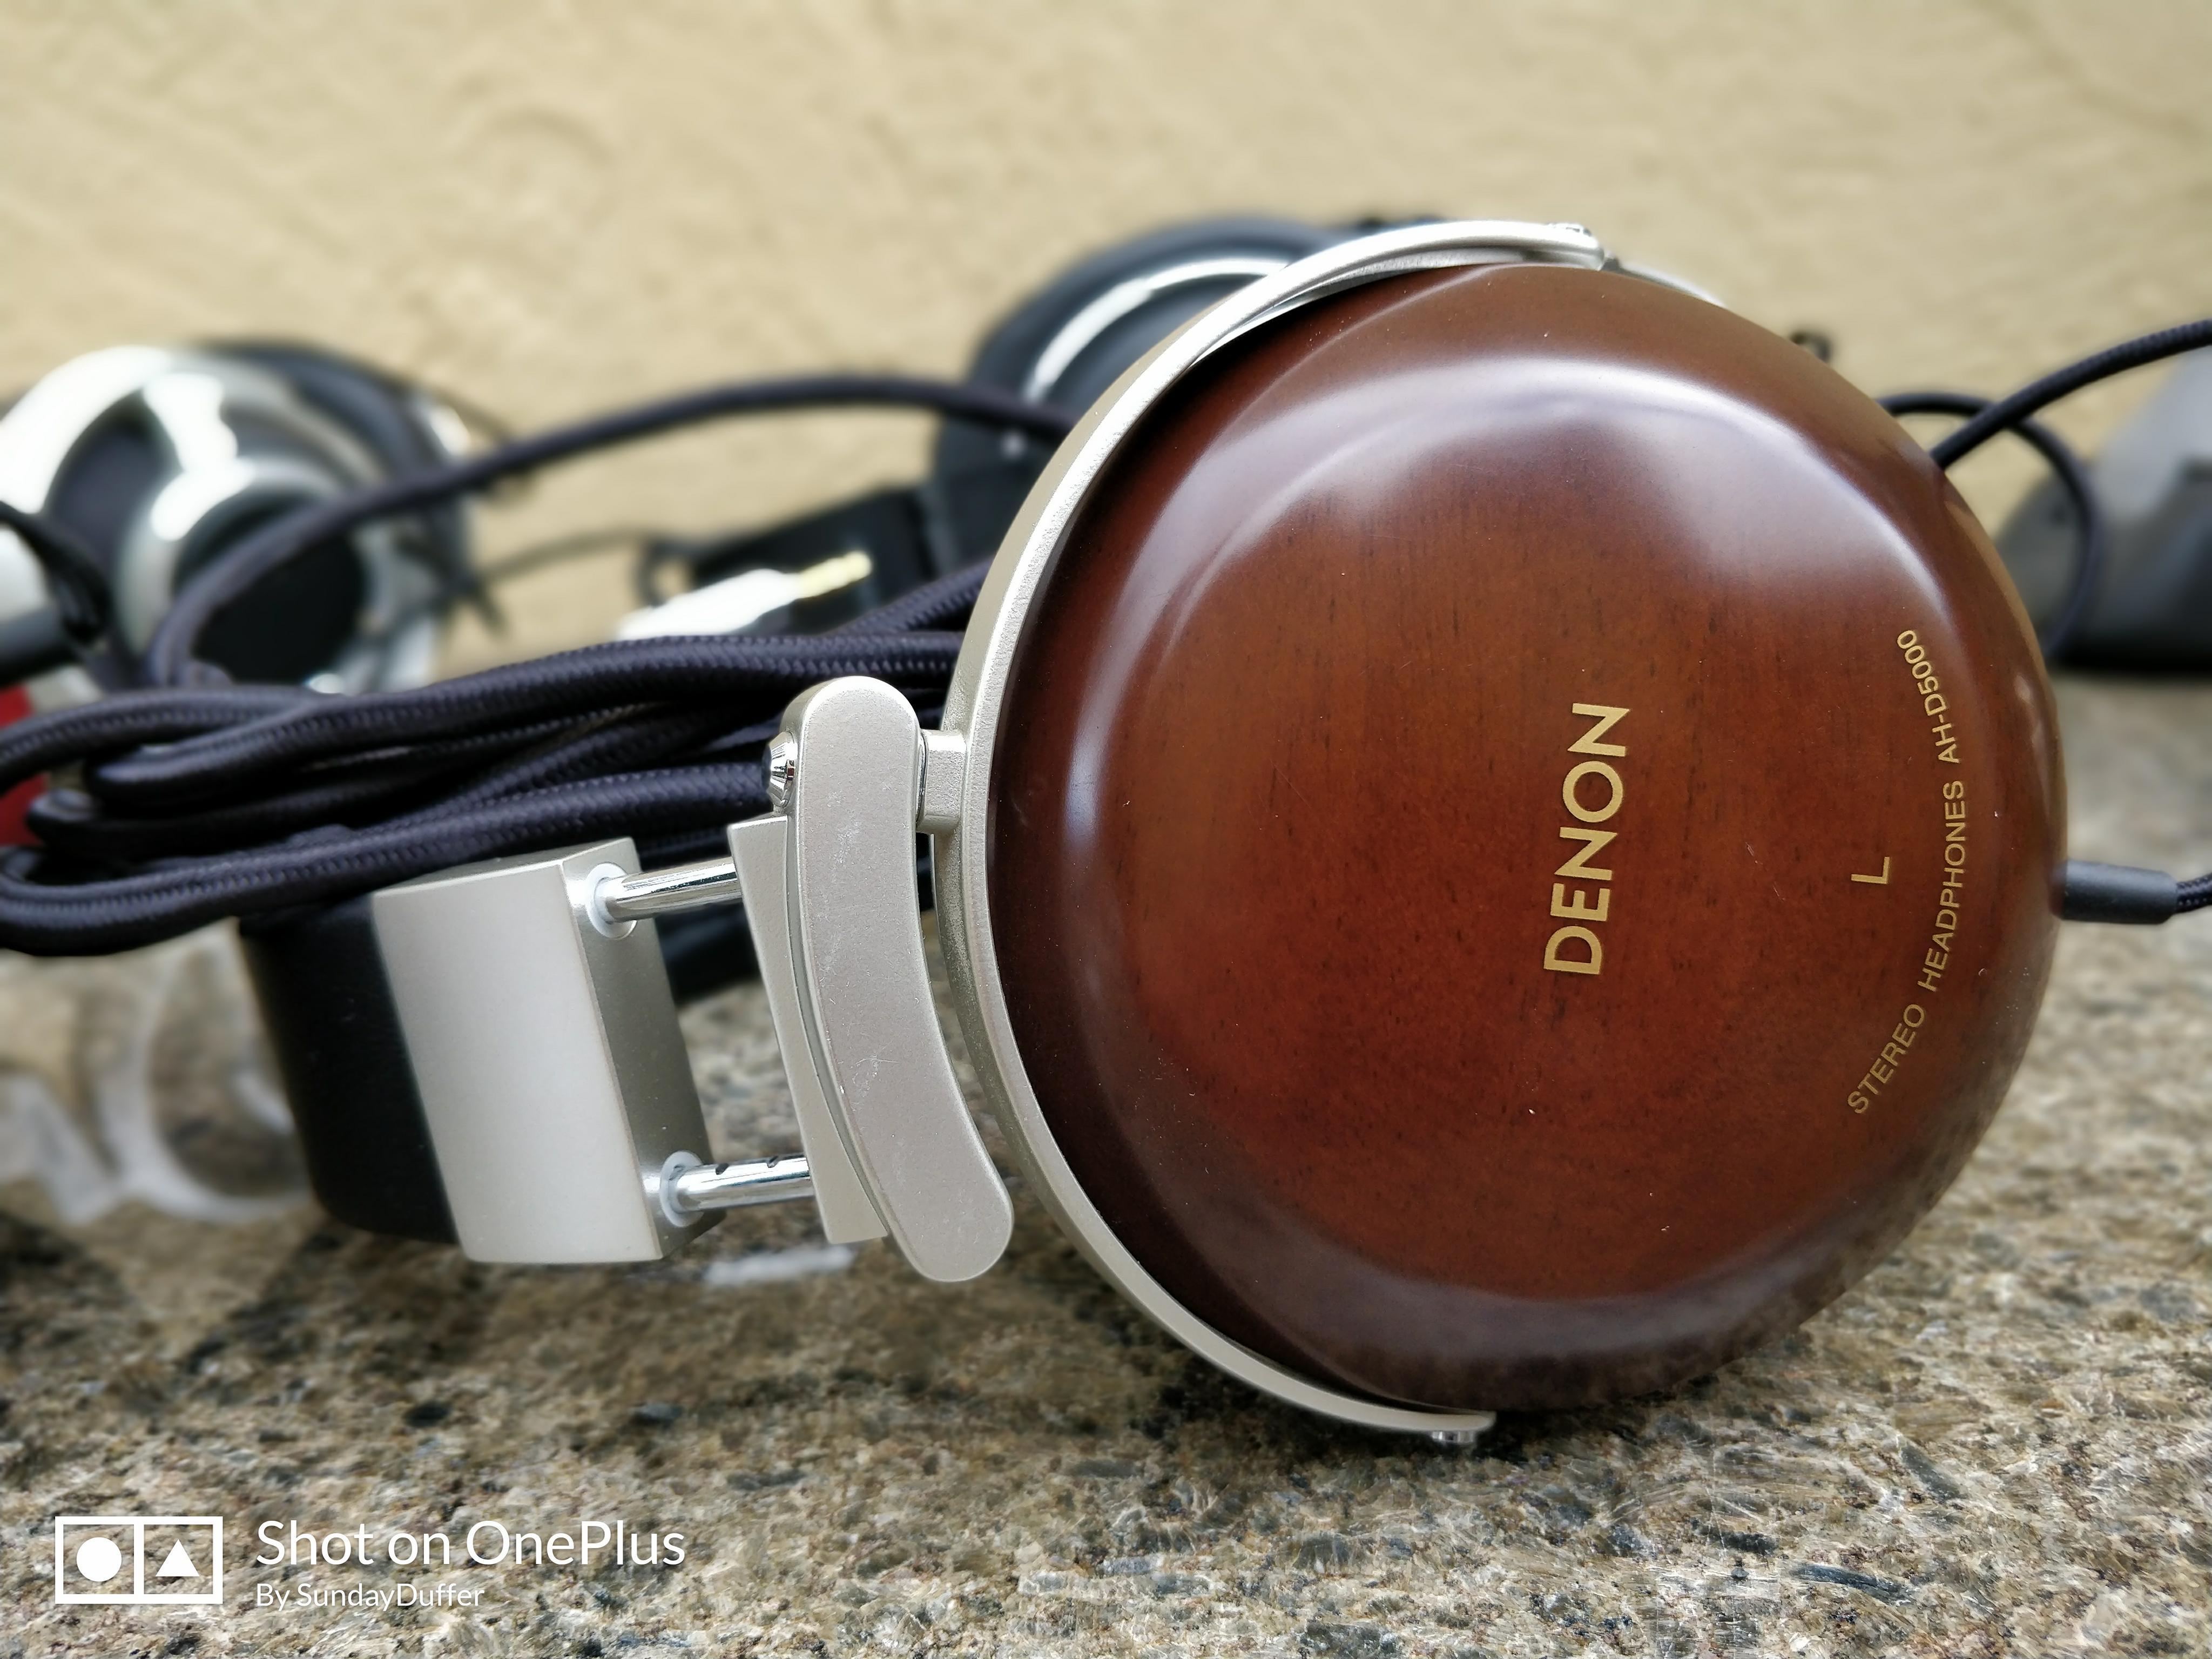 DenonAHD5000.jpg